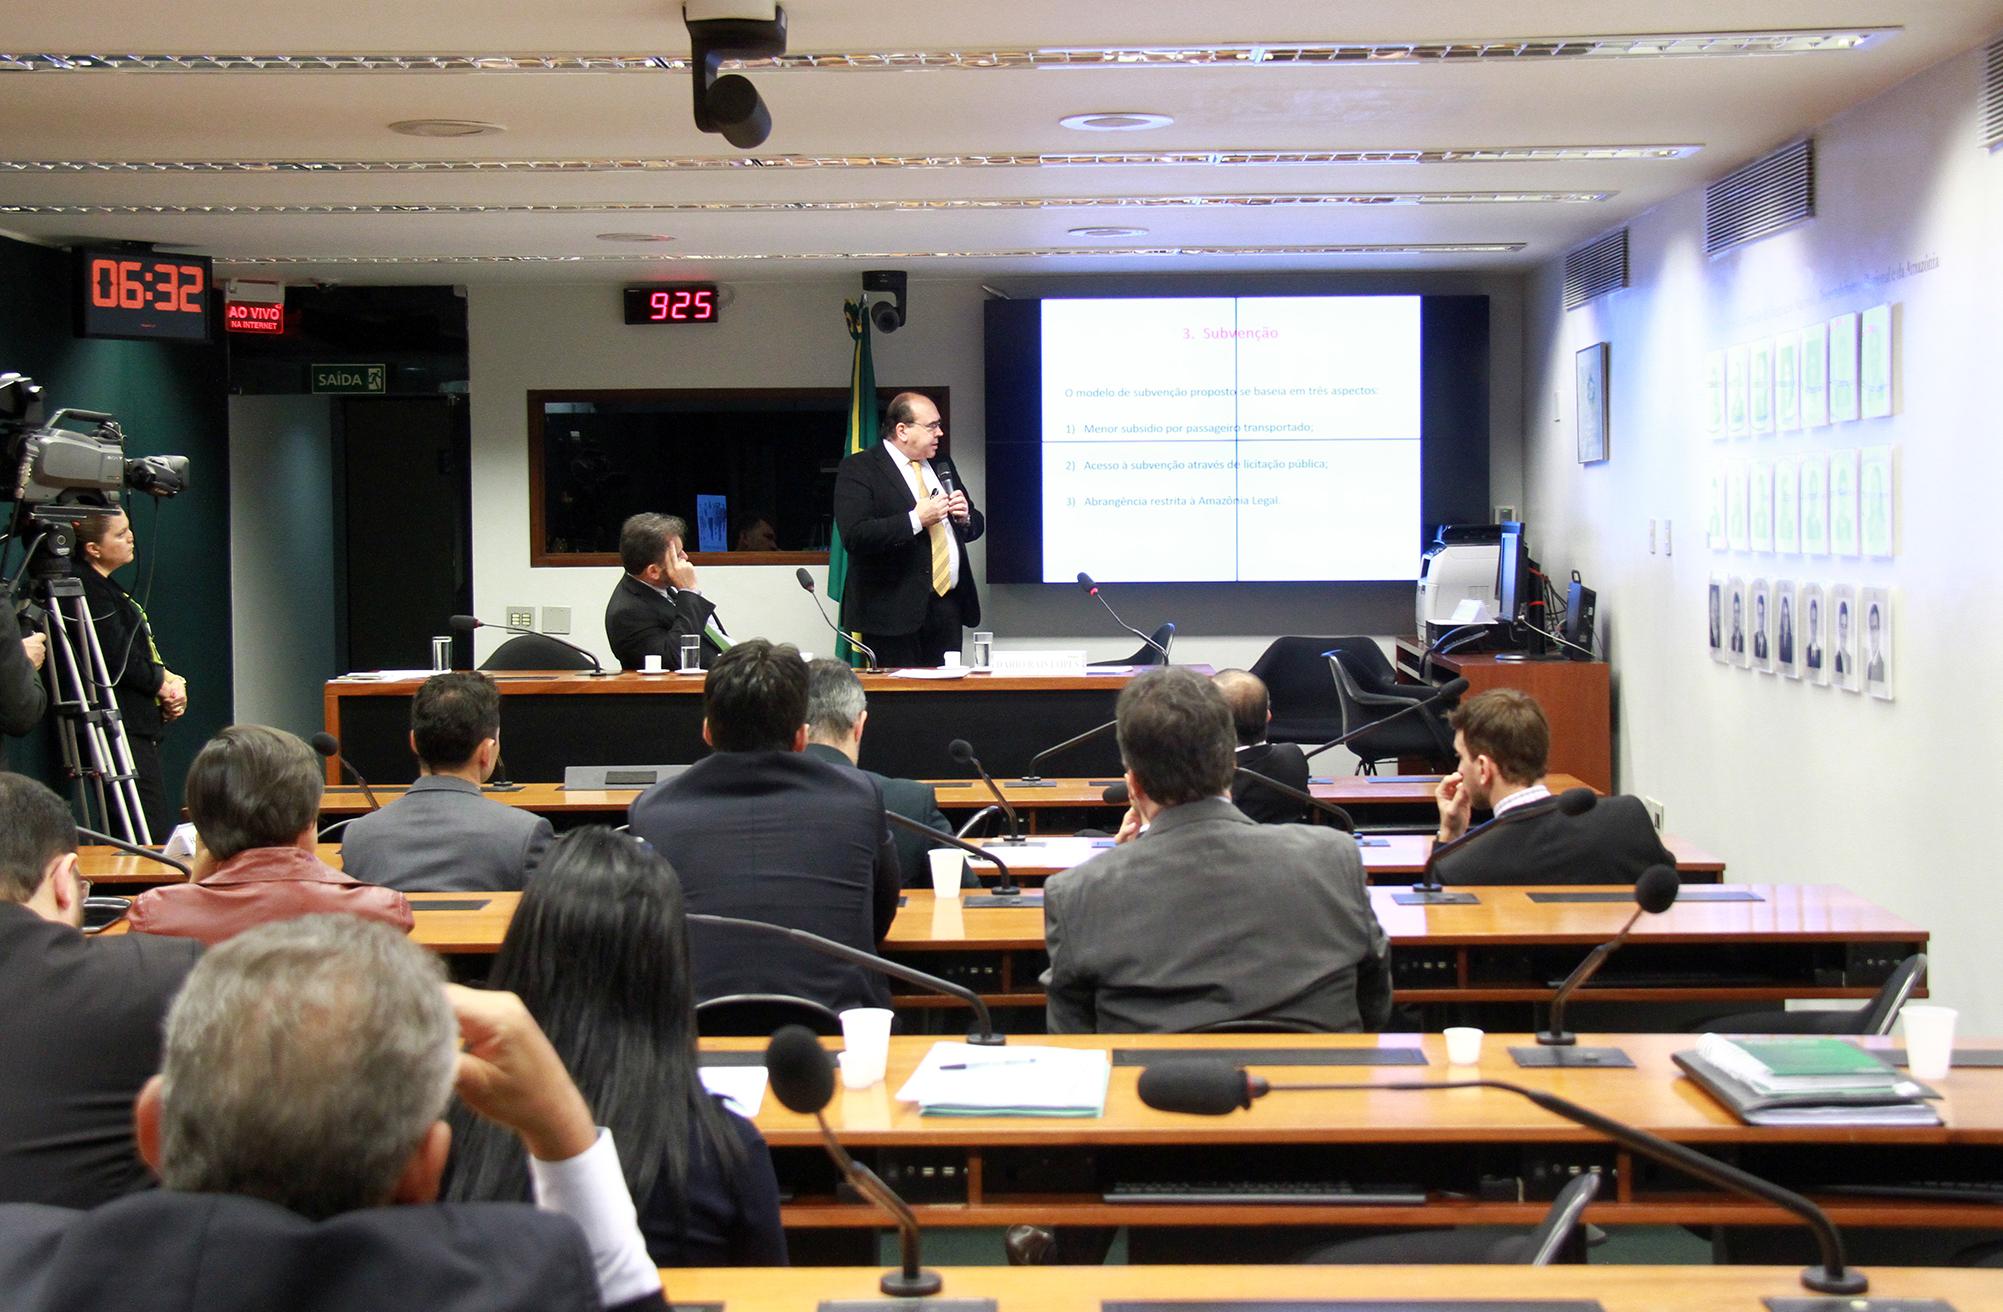 Audiência pública conjunta das comissões de Integração Nacional, Desenvolvimento Regional e da Amazônia (CINDRA) e de Viação e Transportes (CVT) para debater sobre o Programa de Desenvolvimento da Aviação Regional (PDAR), conforme o dispositivo da Lei 13.097/2015